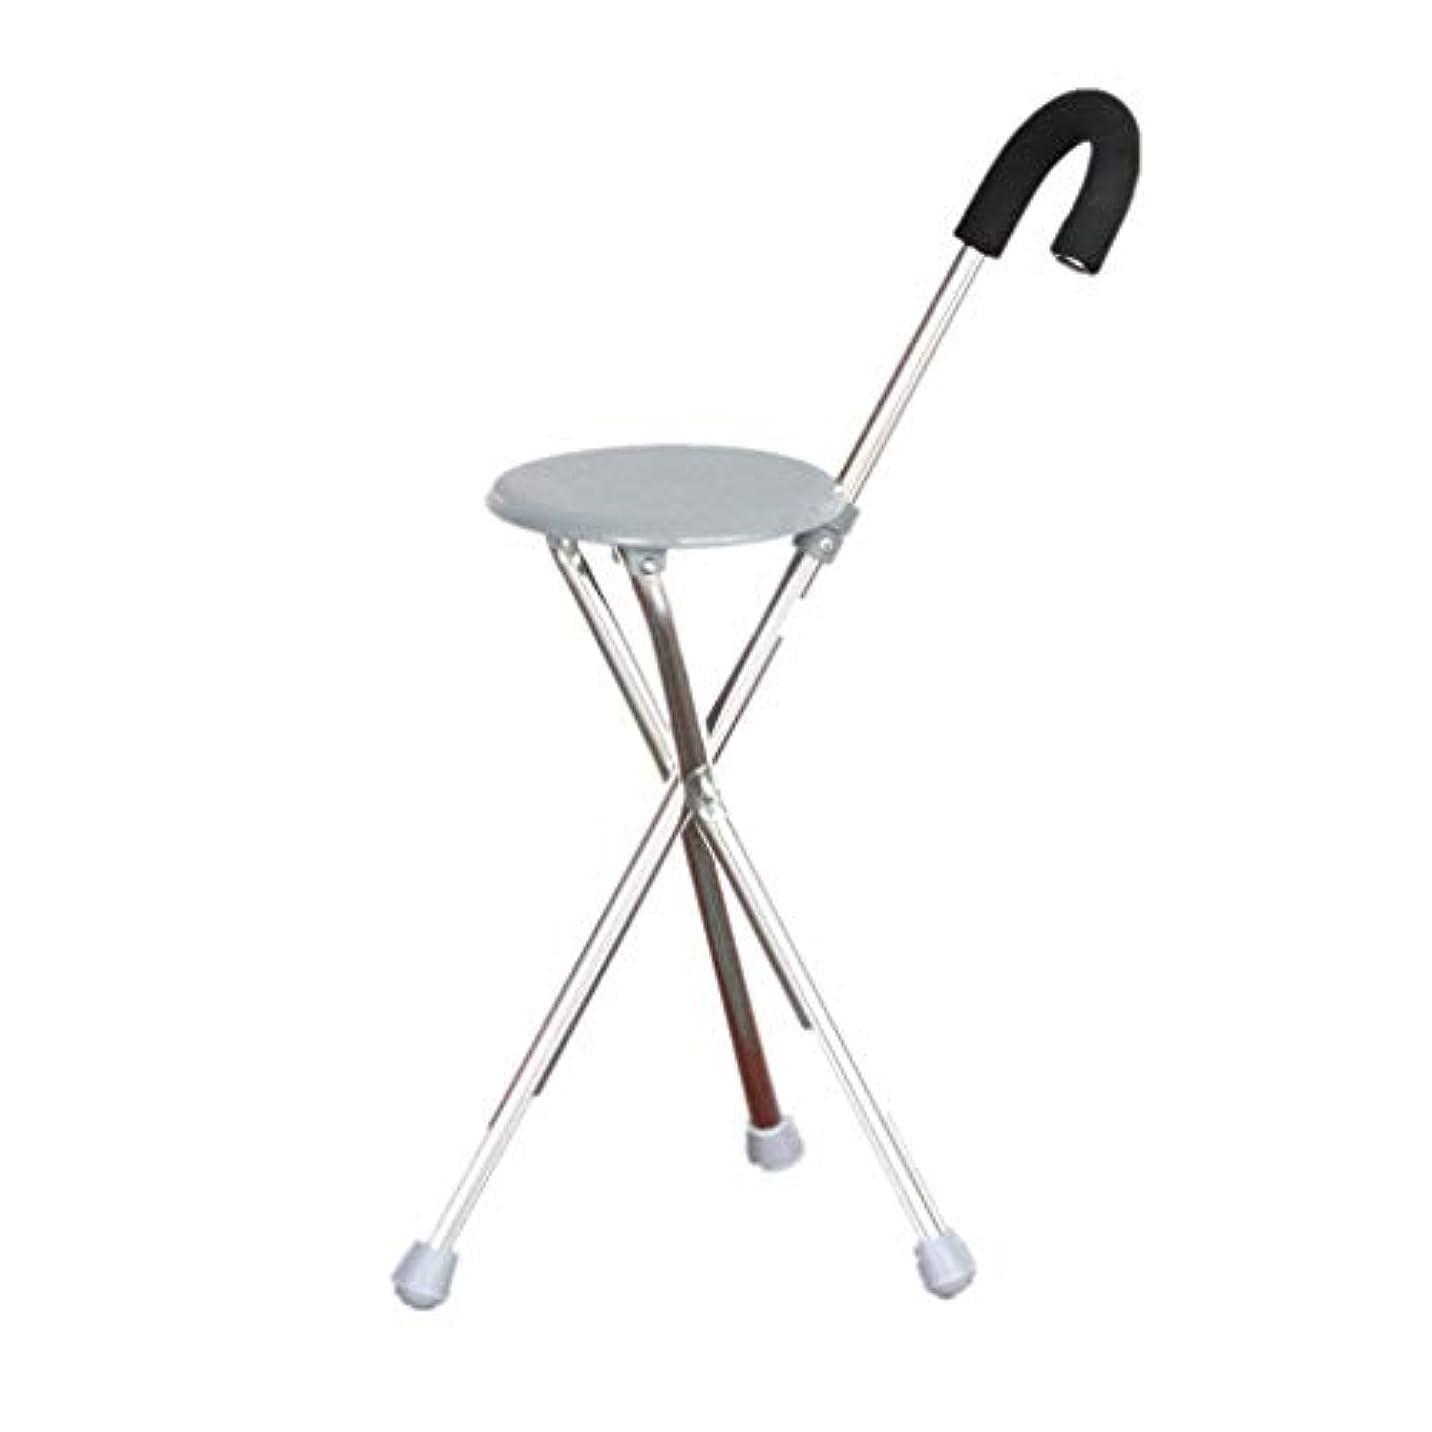 素子咳矩形折りたたみ杖座席杖座席杖座席折りたたみ歩行杖座席折りたたみ杖 一本杖 (Color : Gray, Size : 23*27.5*50cm)